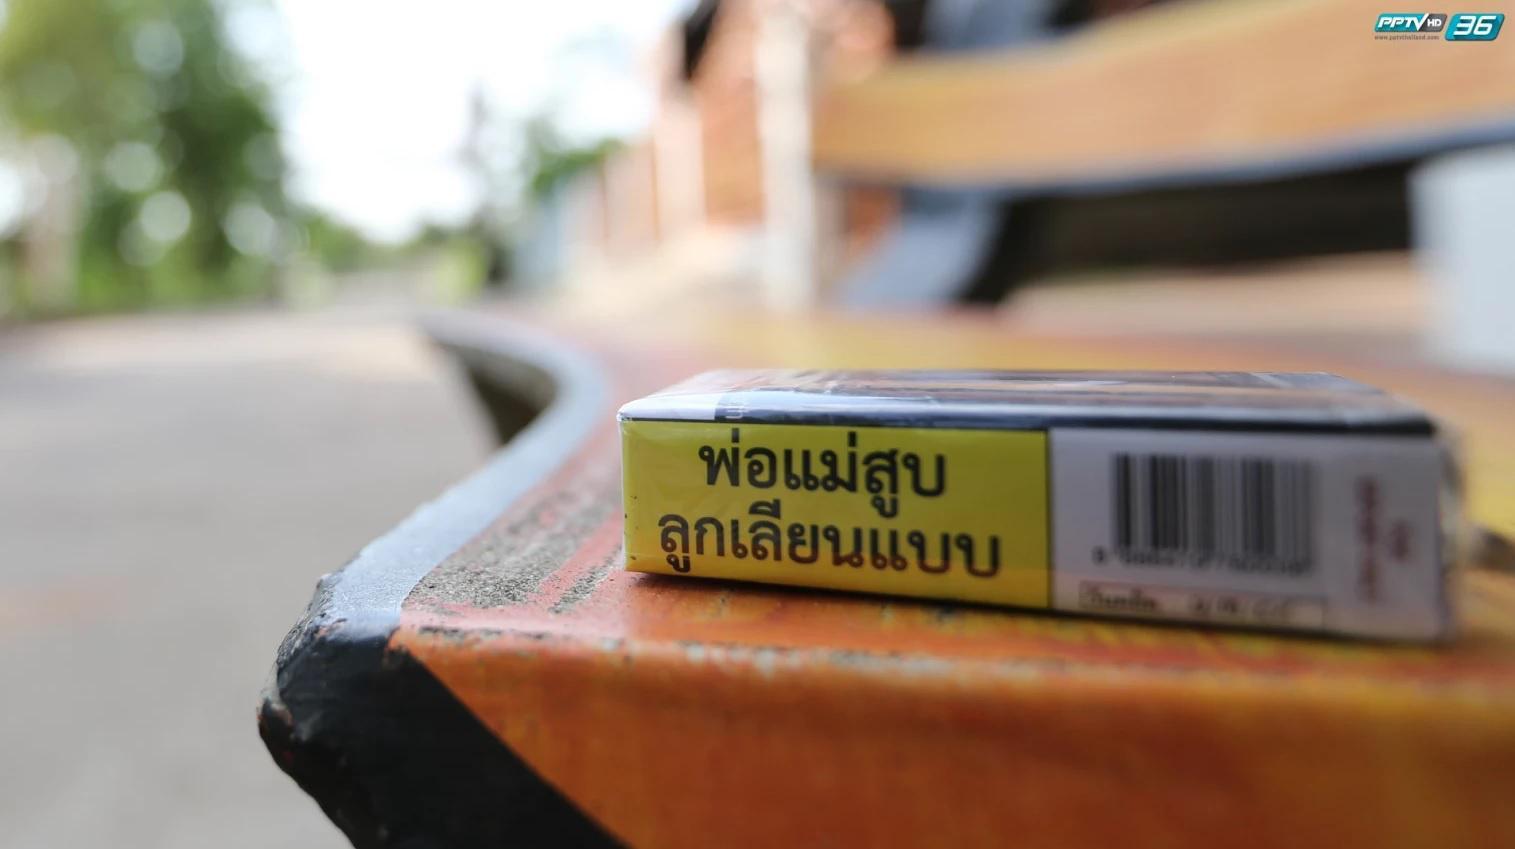 """""""หยุดฆ่าคนทางอ้อม"""" ปรับจริง 5,000 บาท สูบบุหรี่ในระยะต่ำกว่า 5 เมตร จากเขตห้ามสูบ"""